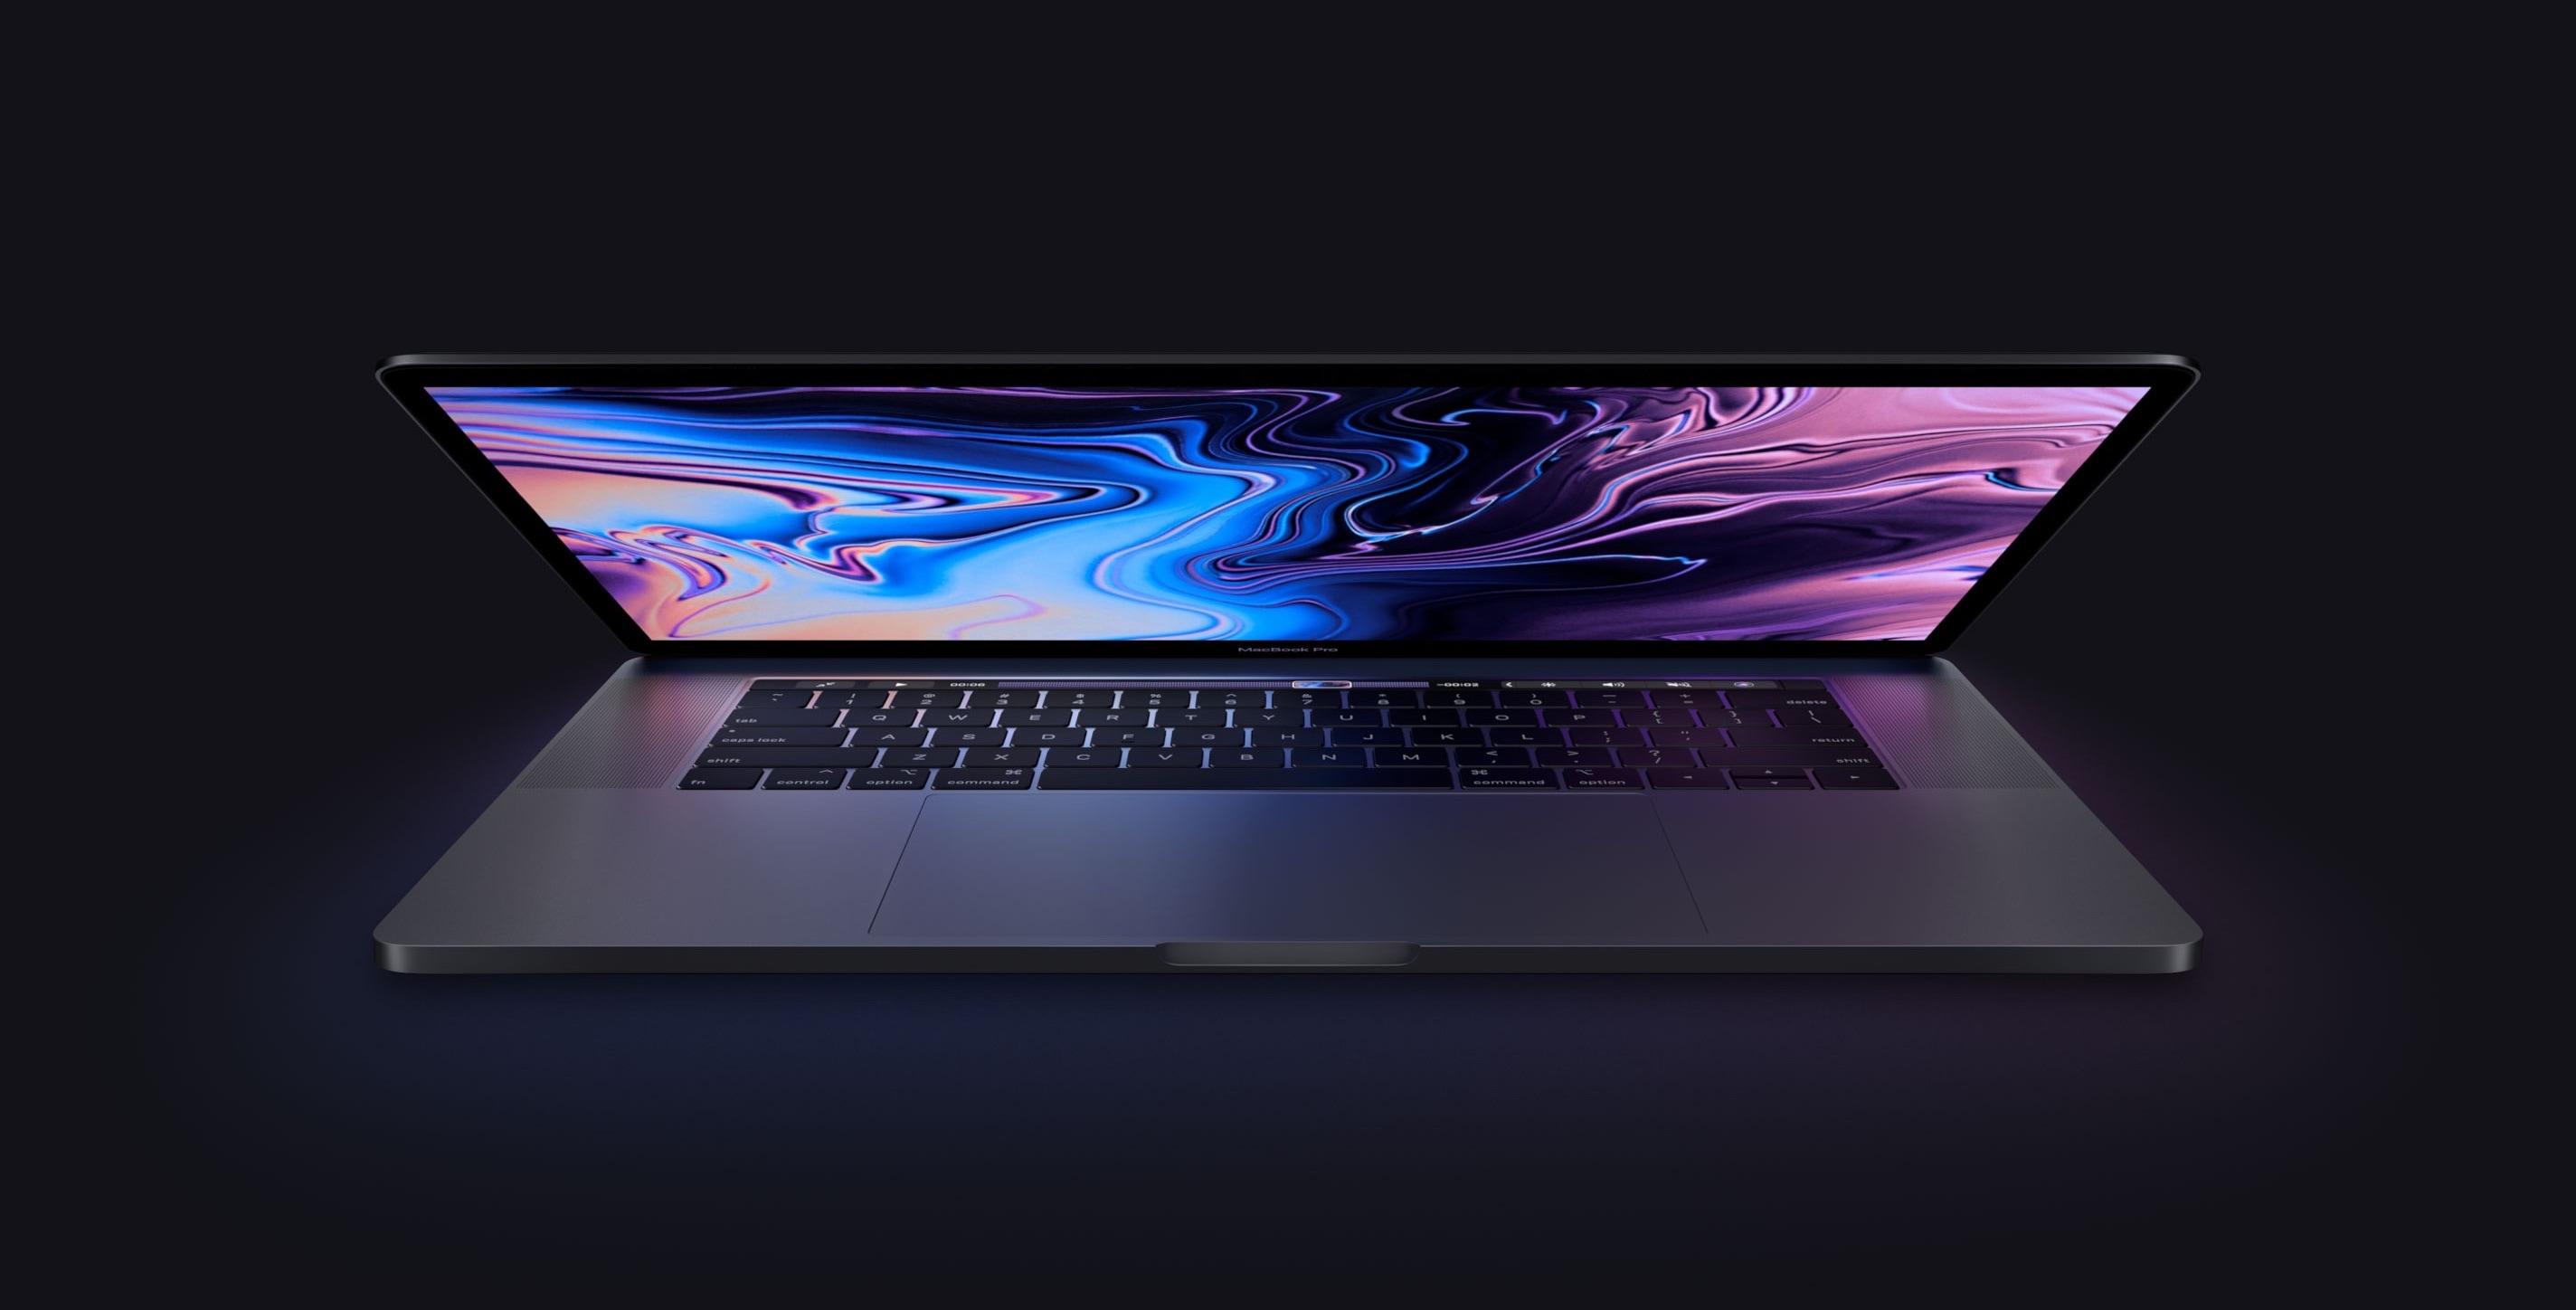 MacBook Pro com Touch Bar (2018)